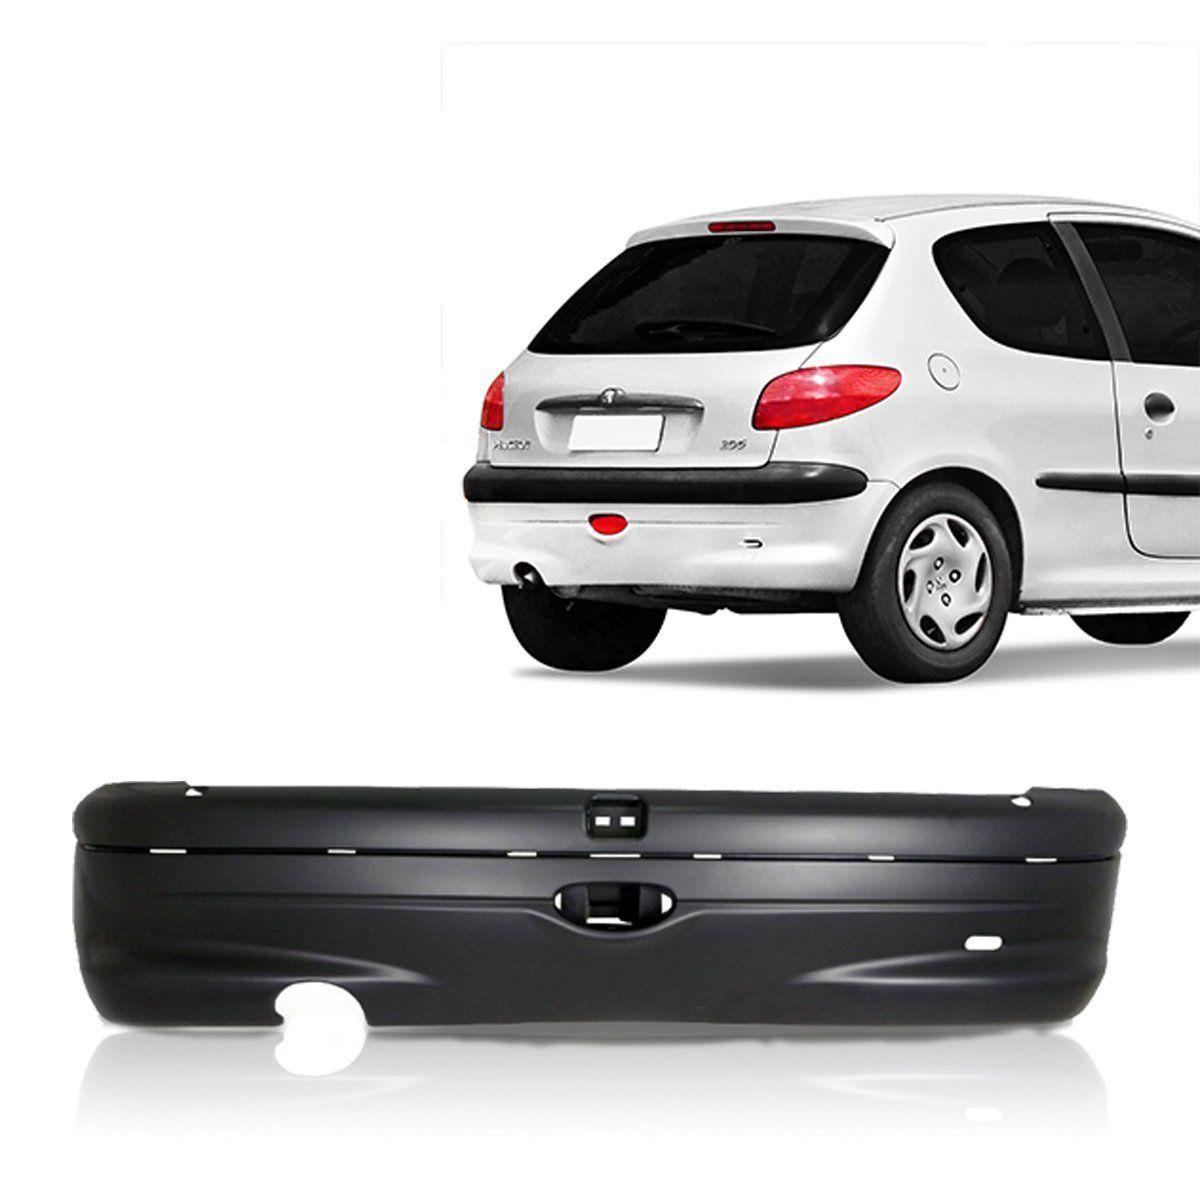 Parachoque Traseiro Peugeot 206 99 2000 2001 2002 2003 2004 2005 2006 Primer